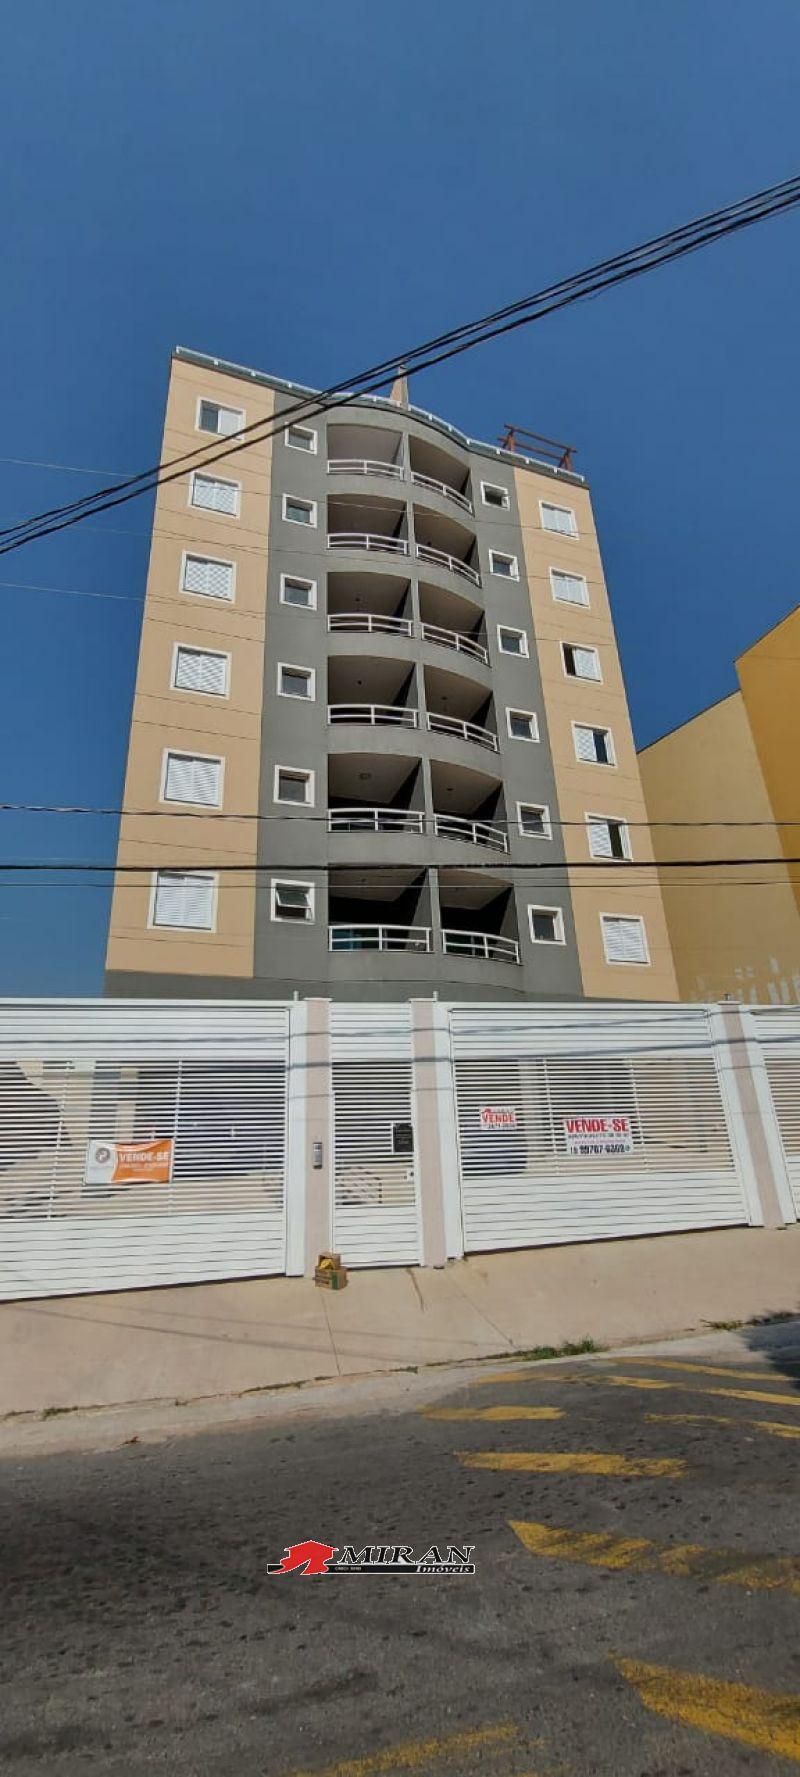 Apartamento 2 dormitórios Alugar Parque Florence Valinhos